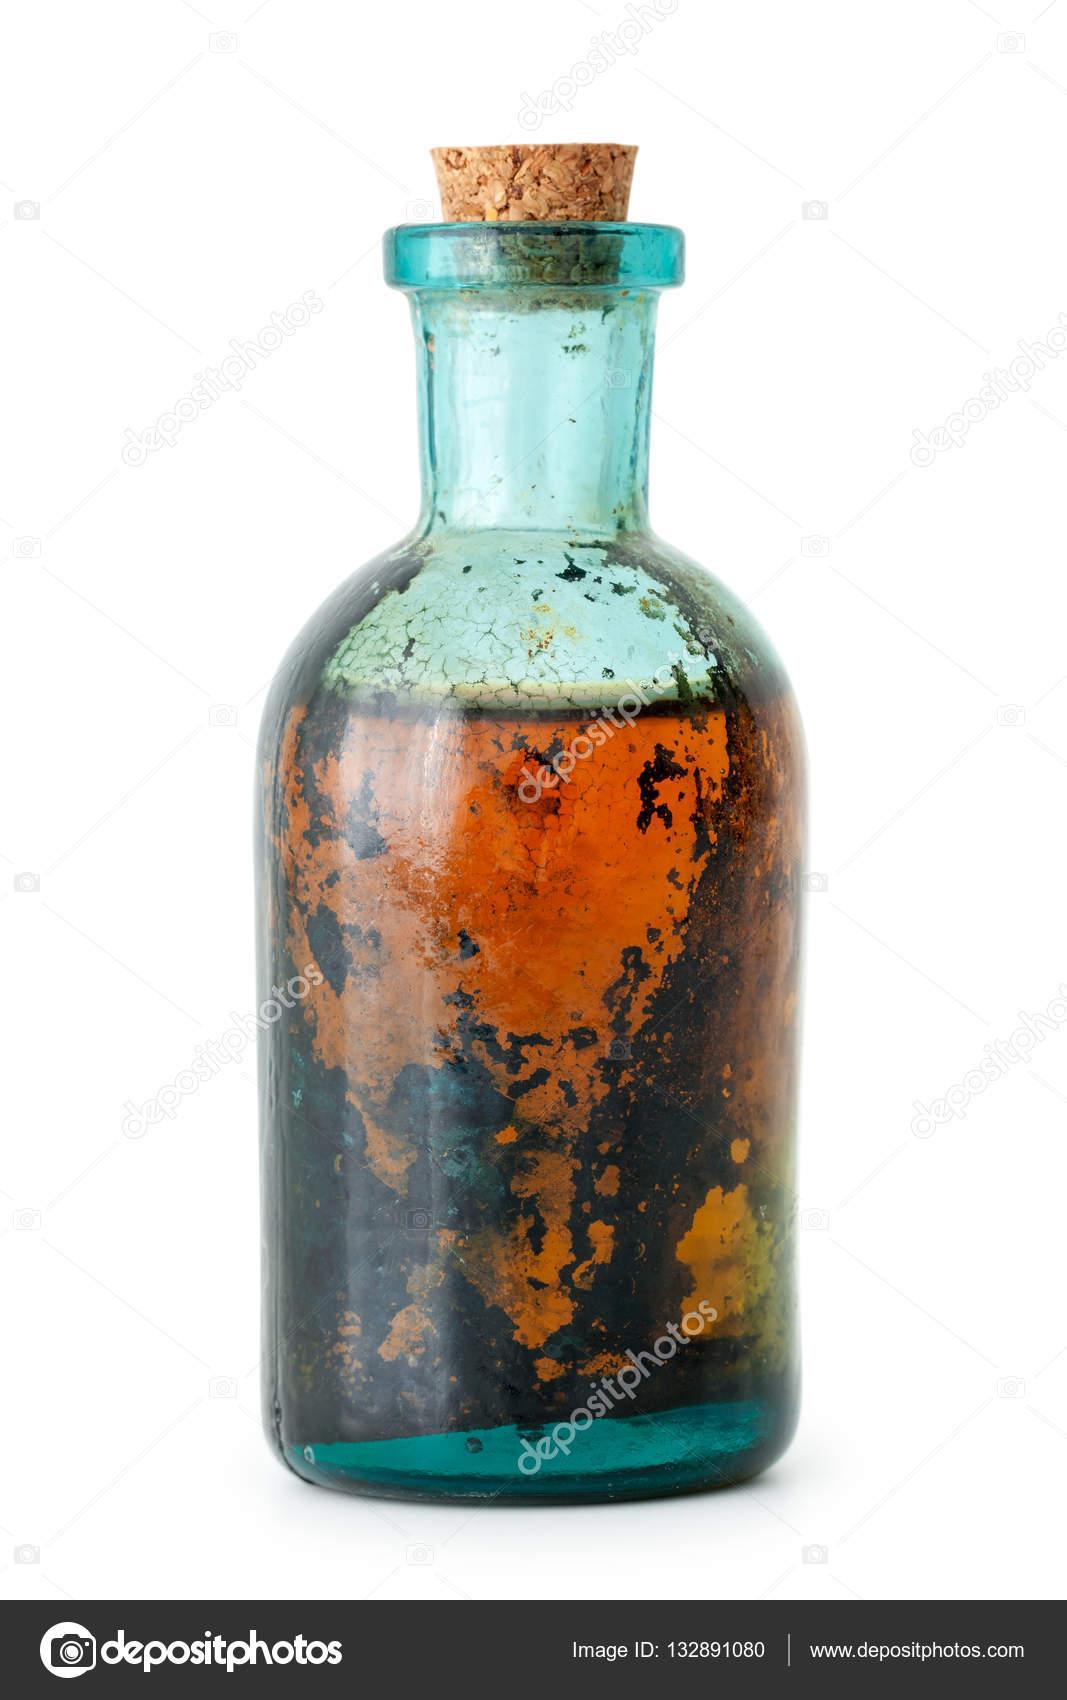 Votka üzerinde tıbbi tentürler